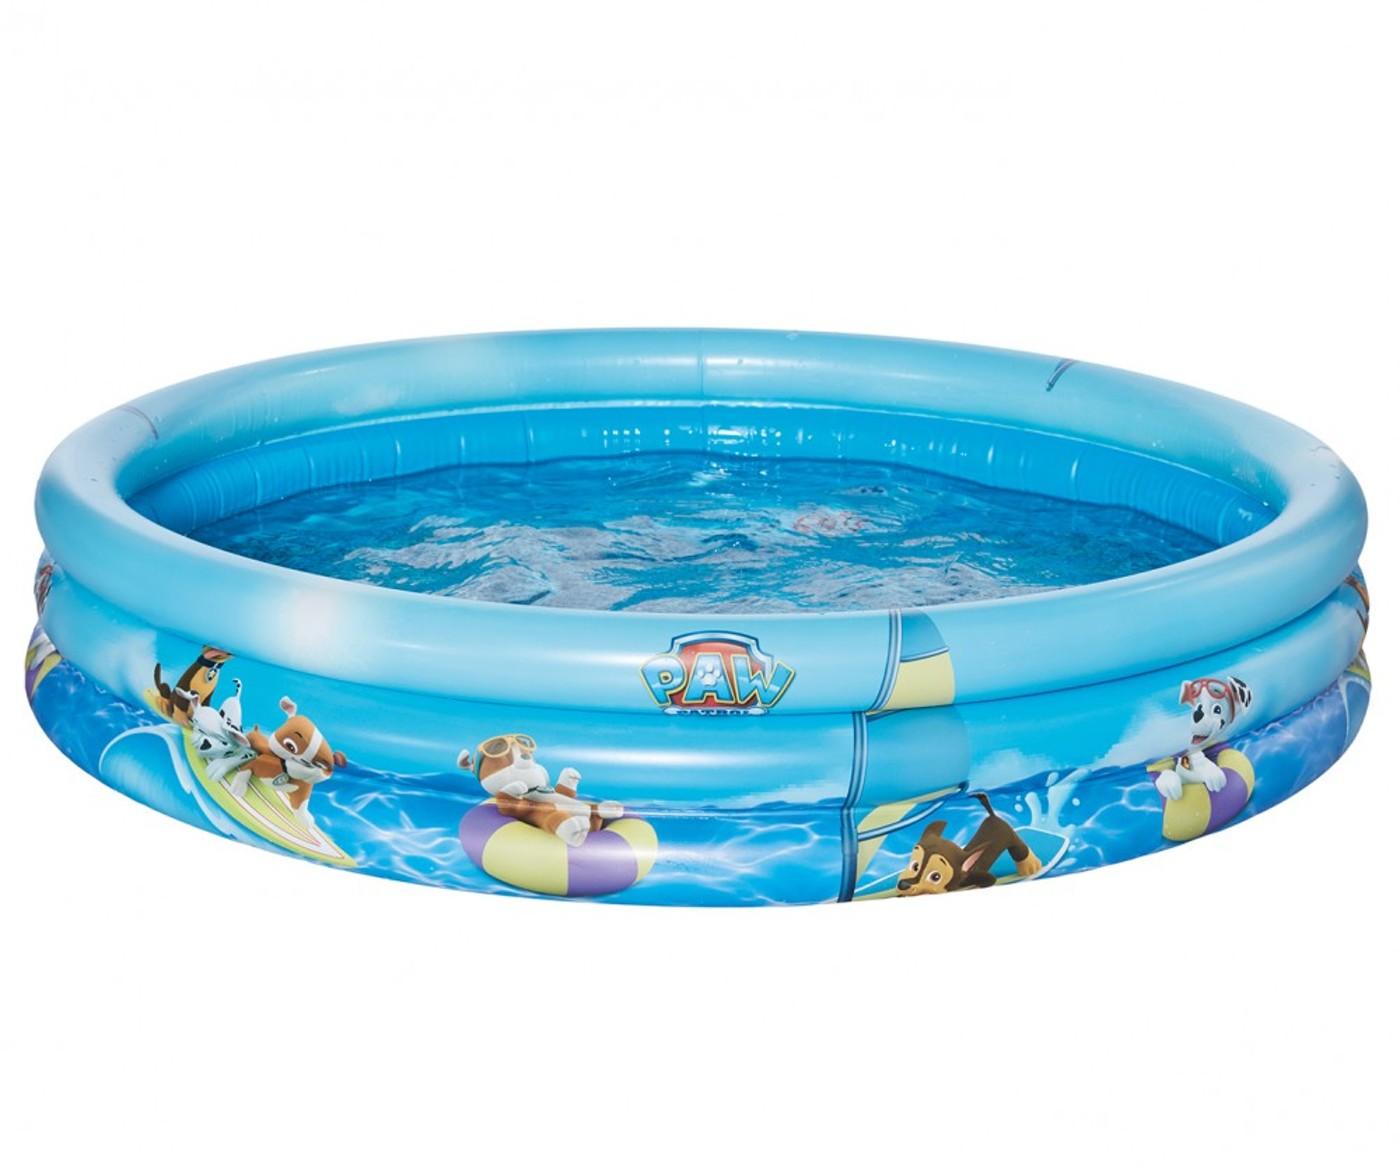 HAPPY PEOPLE Paw Patrol 3-Ring-Pool - Kinder